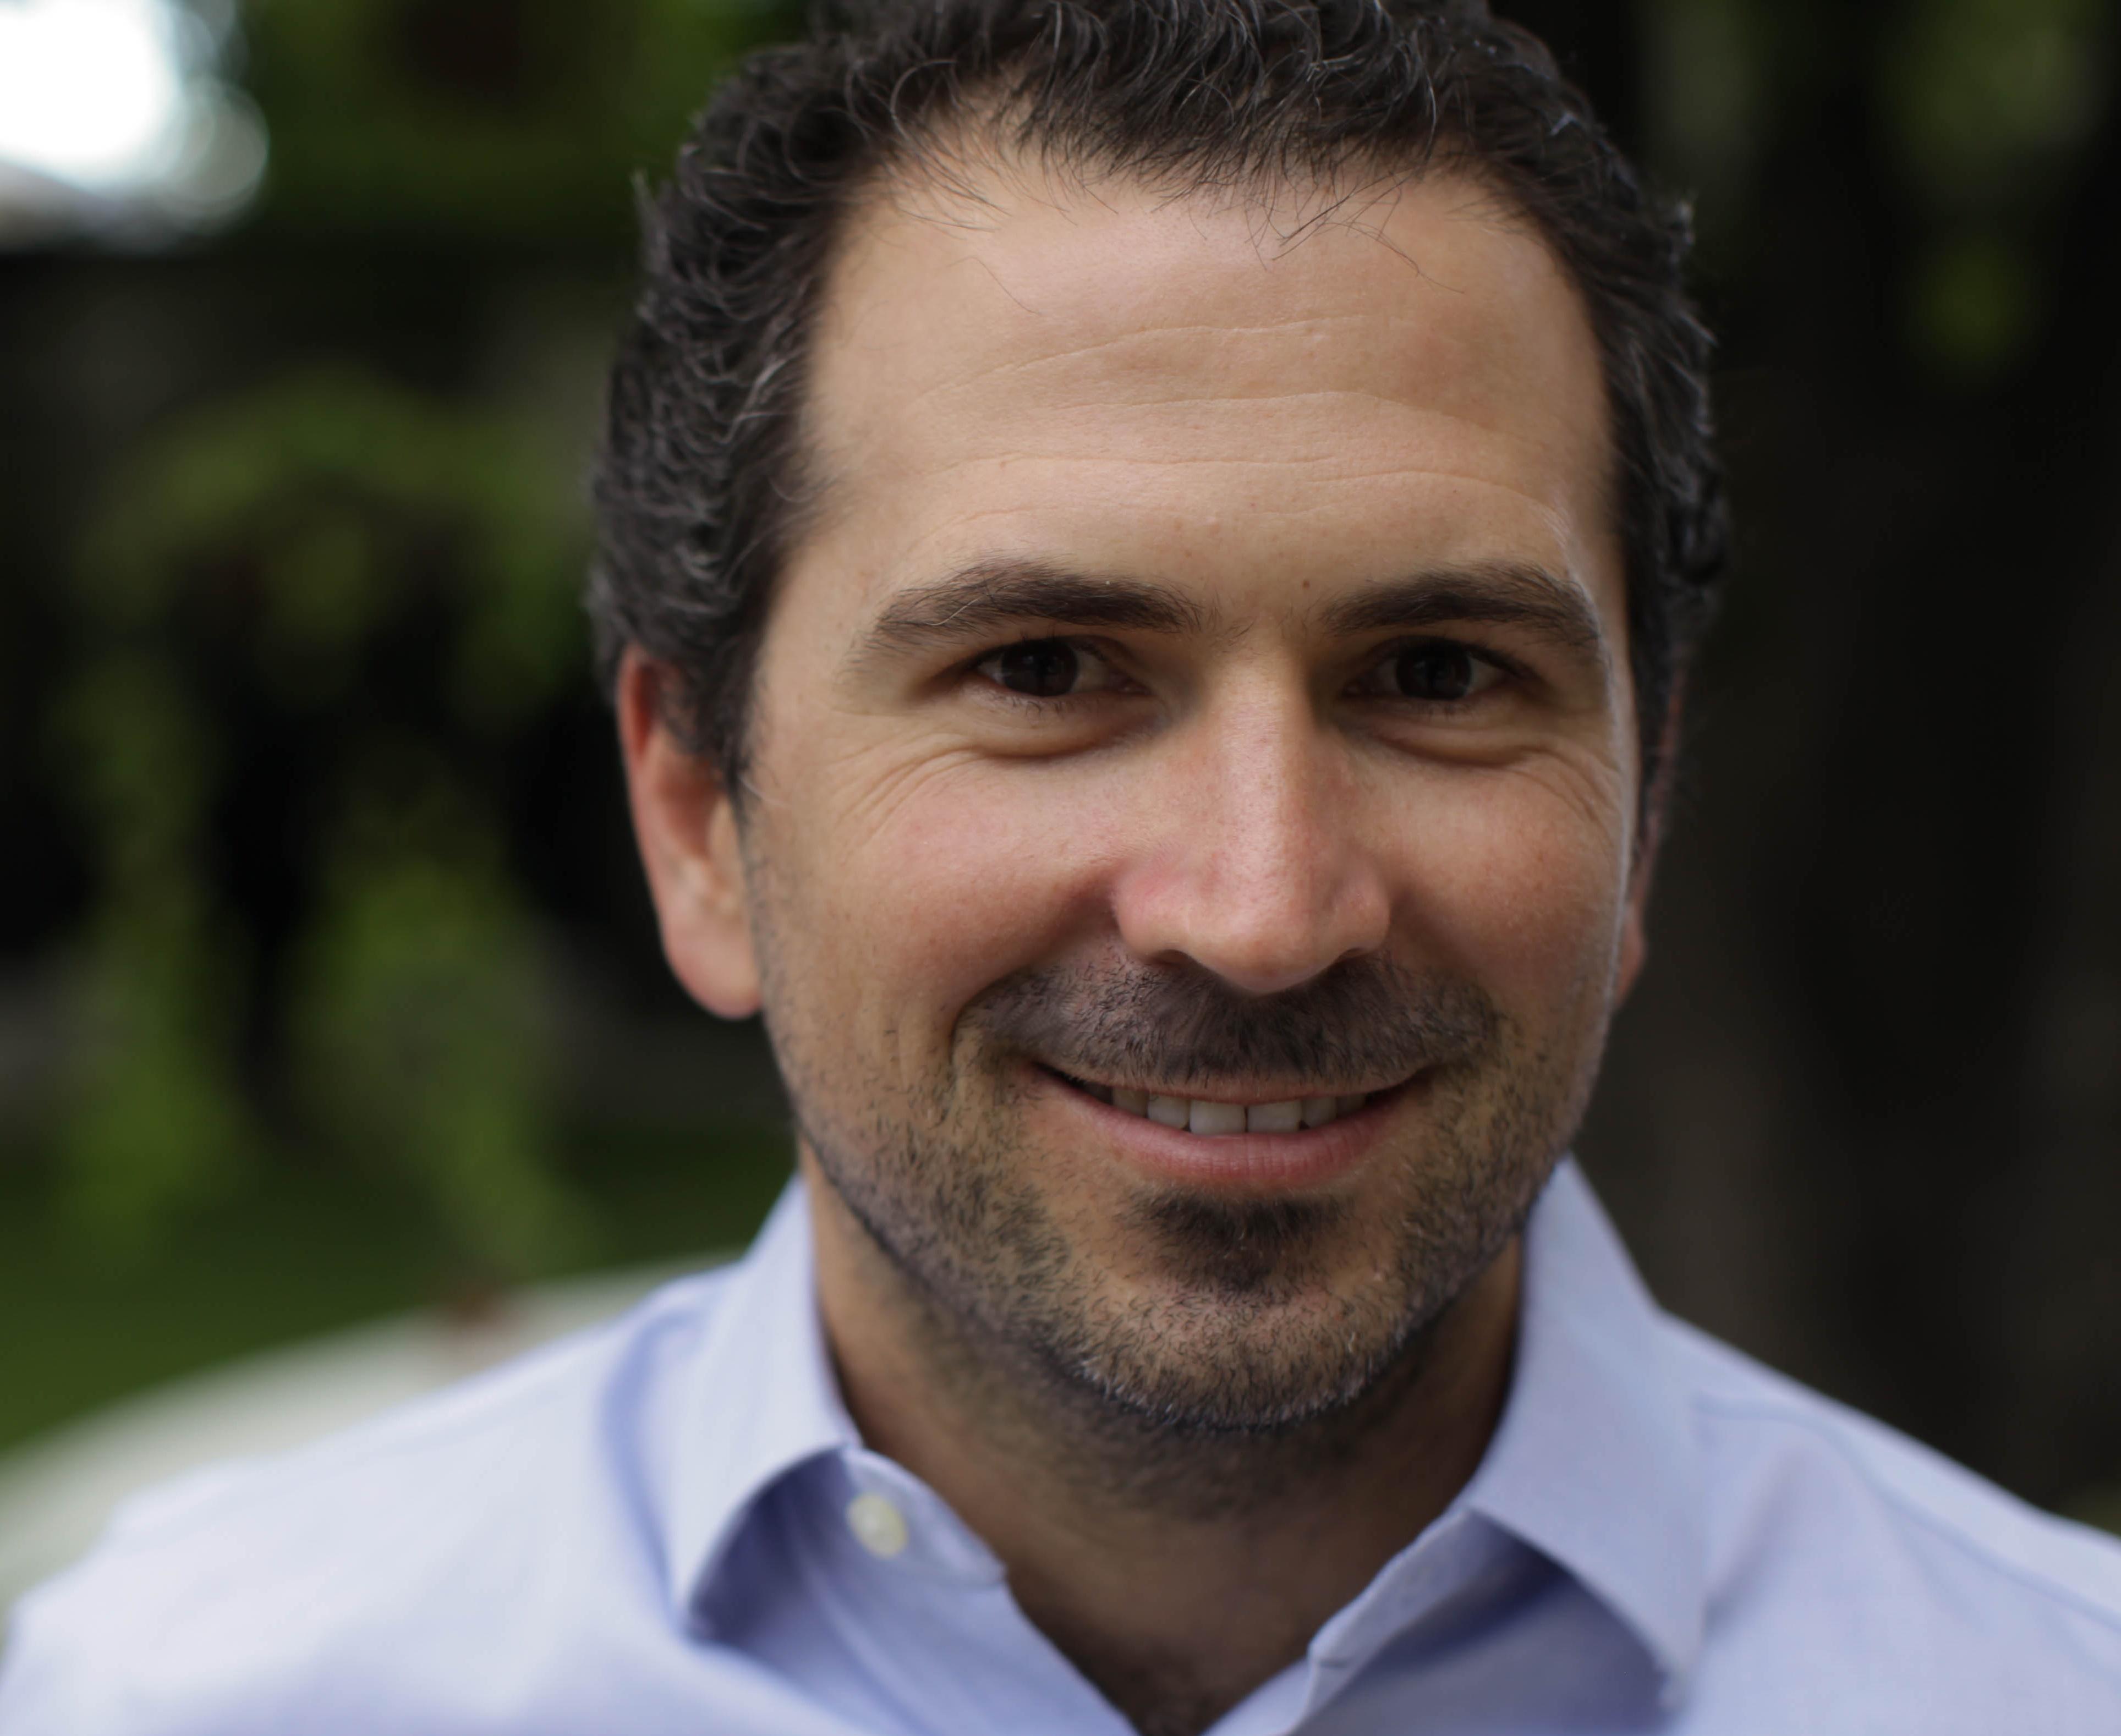 Jose Patricio Villarreal